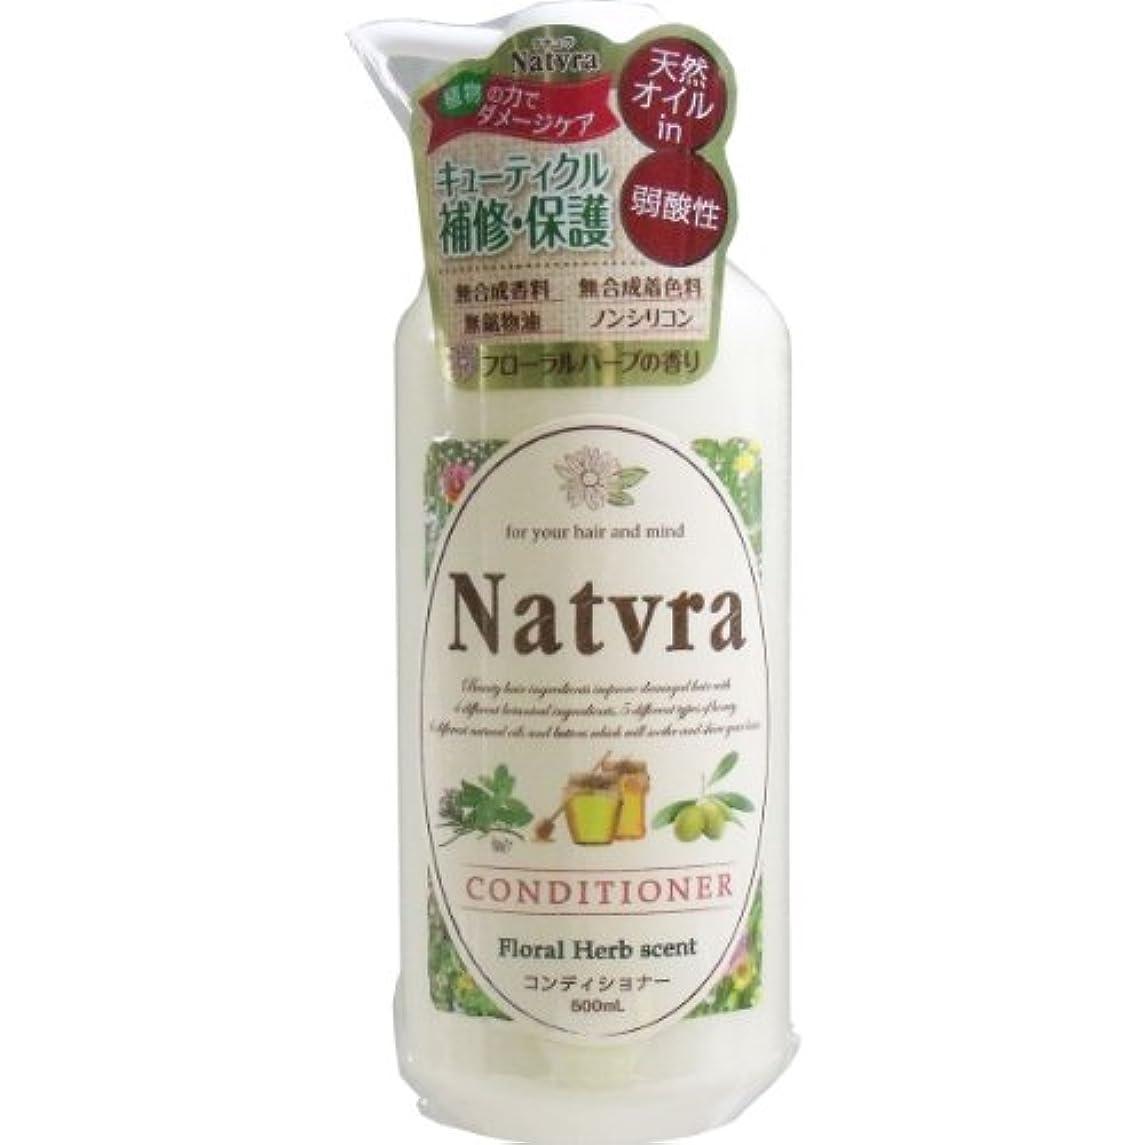 届ける極端な安全でないNatvra(ナチュラ) コンディショナー フローラルハーブの香り 500mL【2個セット】